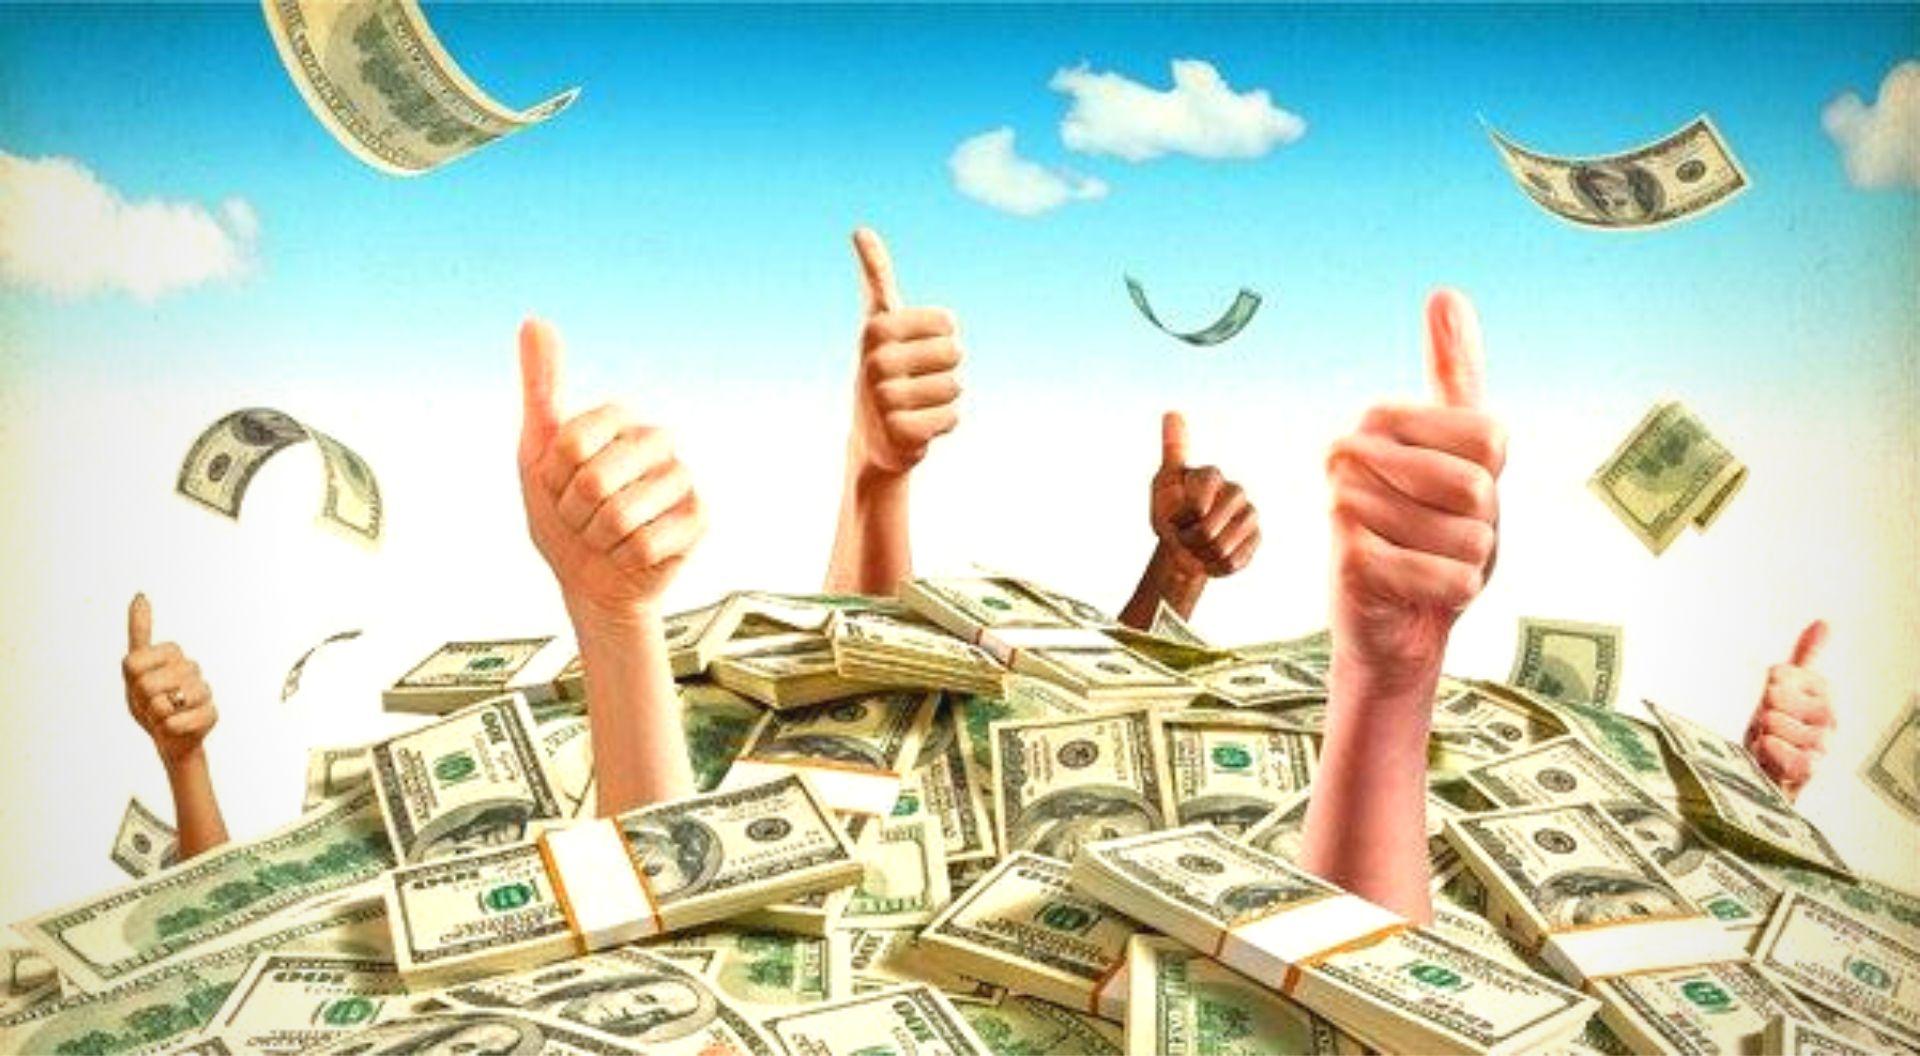 An ninh tài chính là gì? Điều bạn cần biết